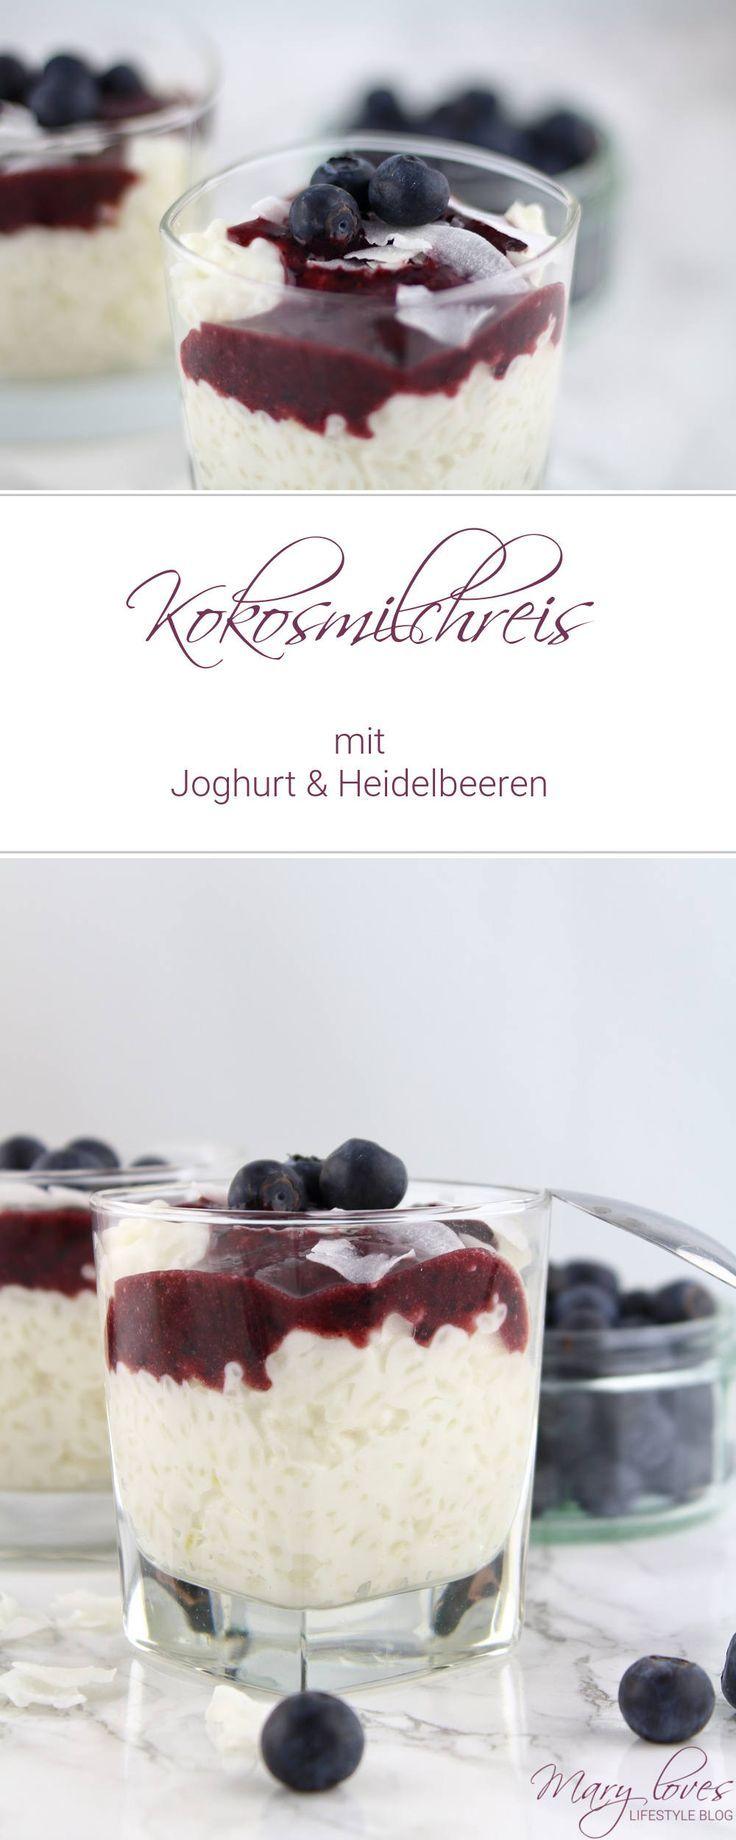 Kokosmilchreis mit Joghurt und Heidelbeeren - #Dessert #Nachtisch #Milchreis #Heidelbeeren #Kokosmilchreis